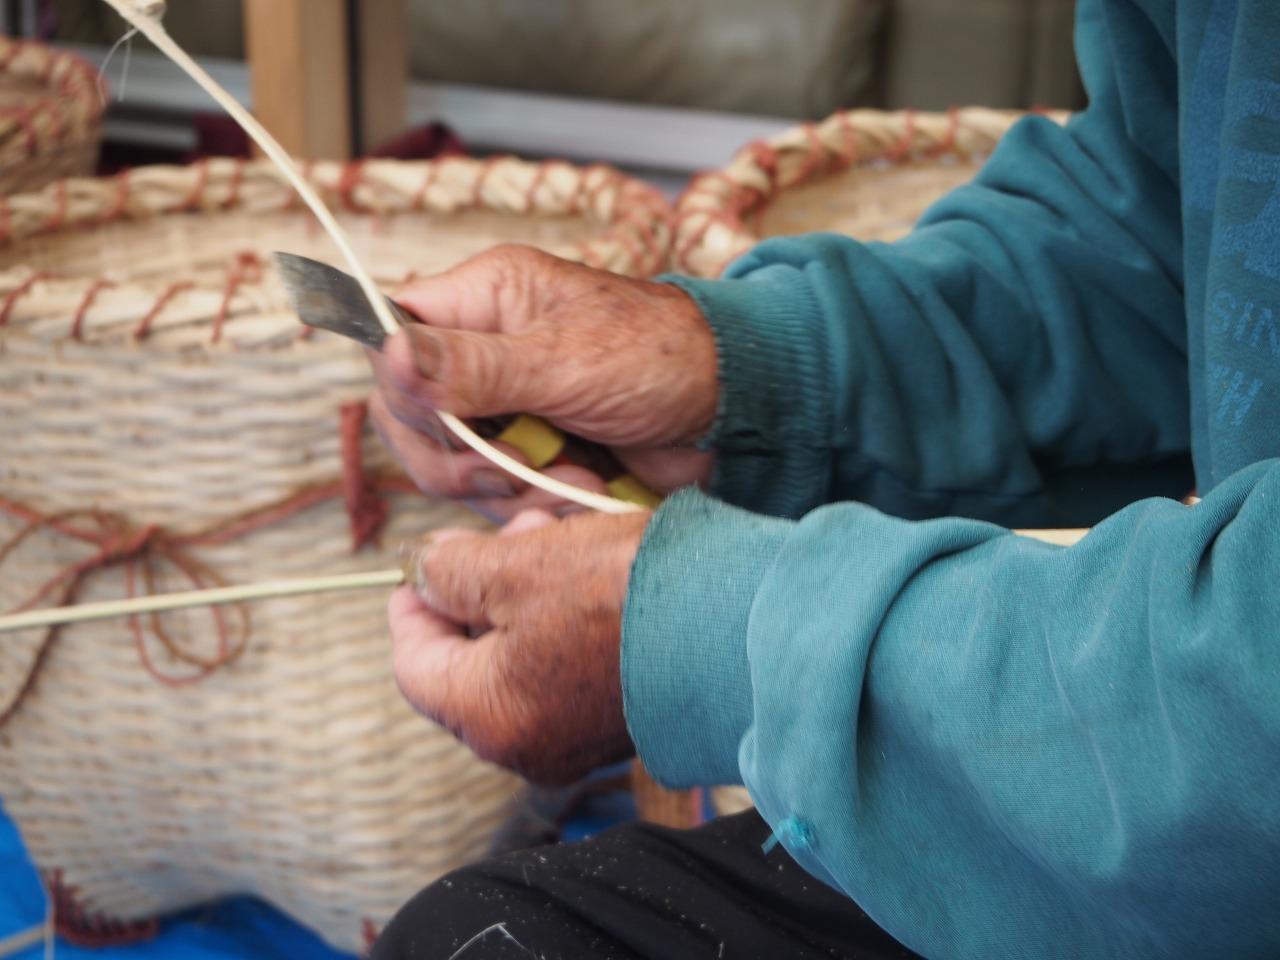 テルの材料の竹ヒゴ作り